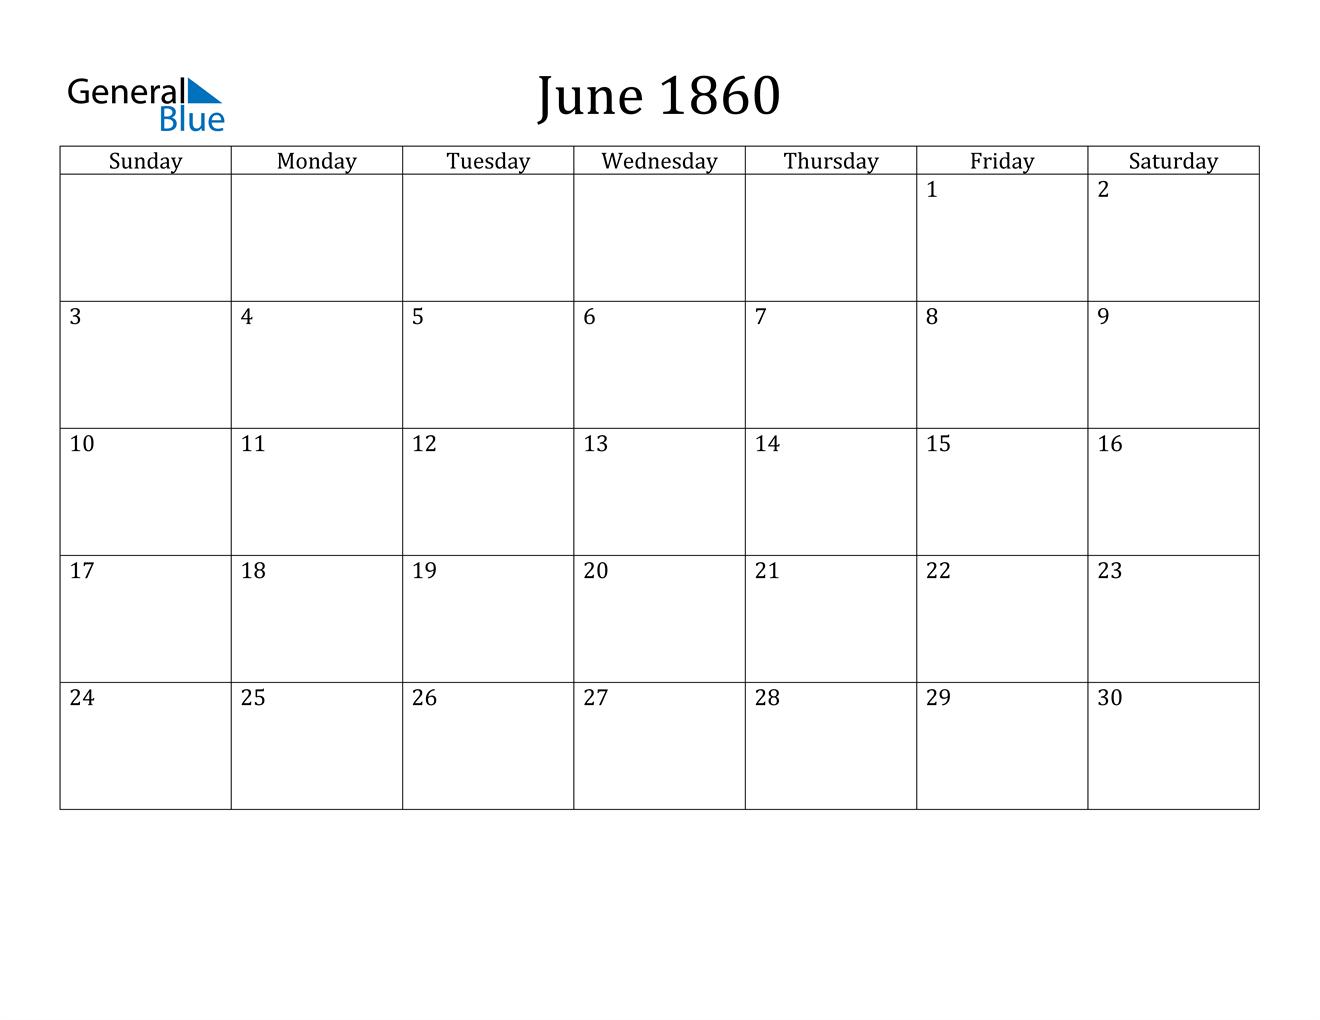 Image of June 1860 Calendar